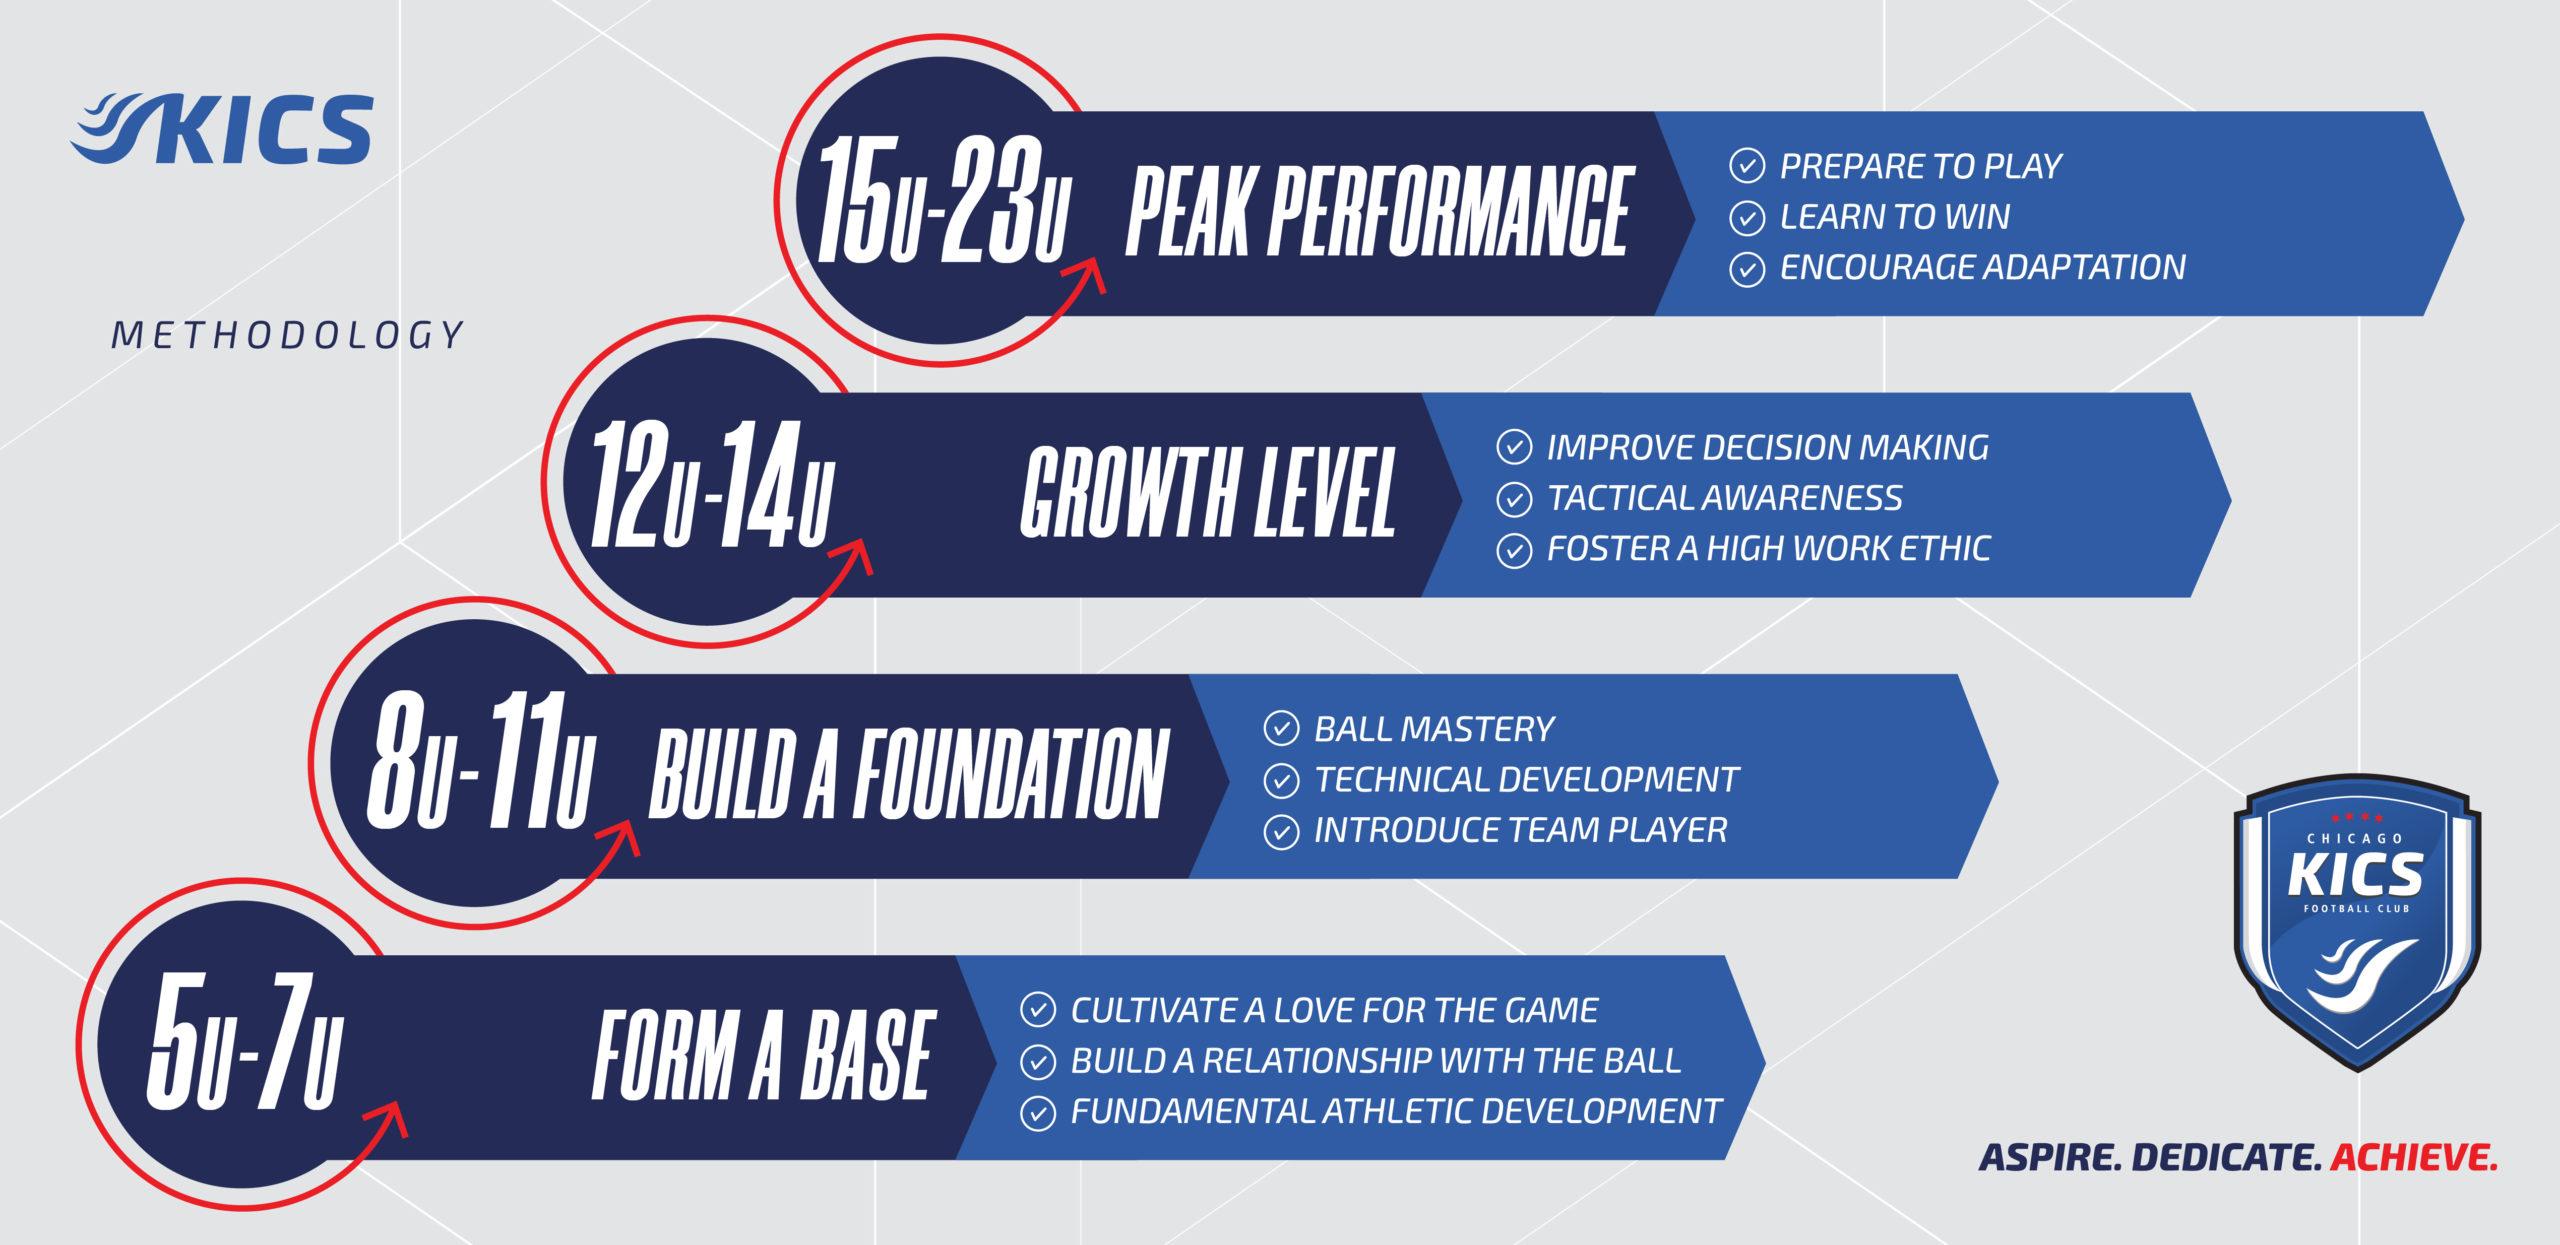 KICS FC Methodology